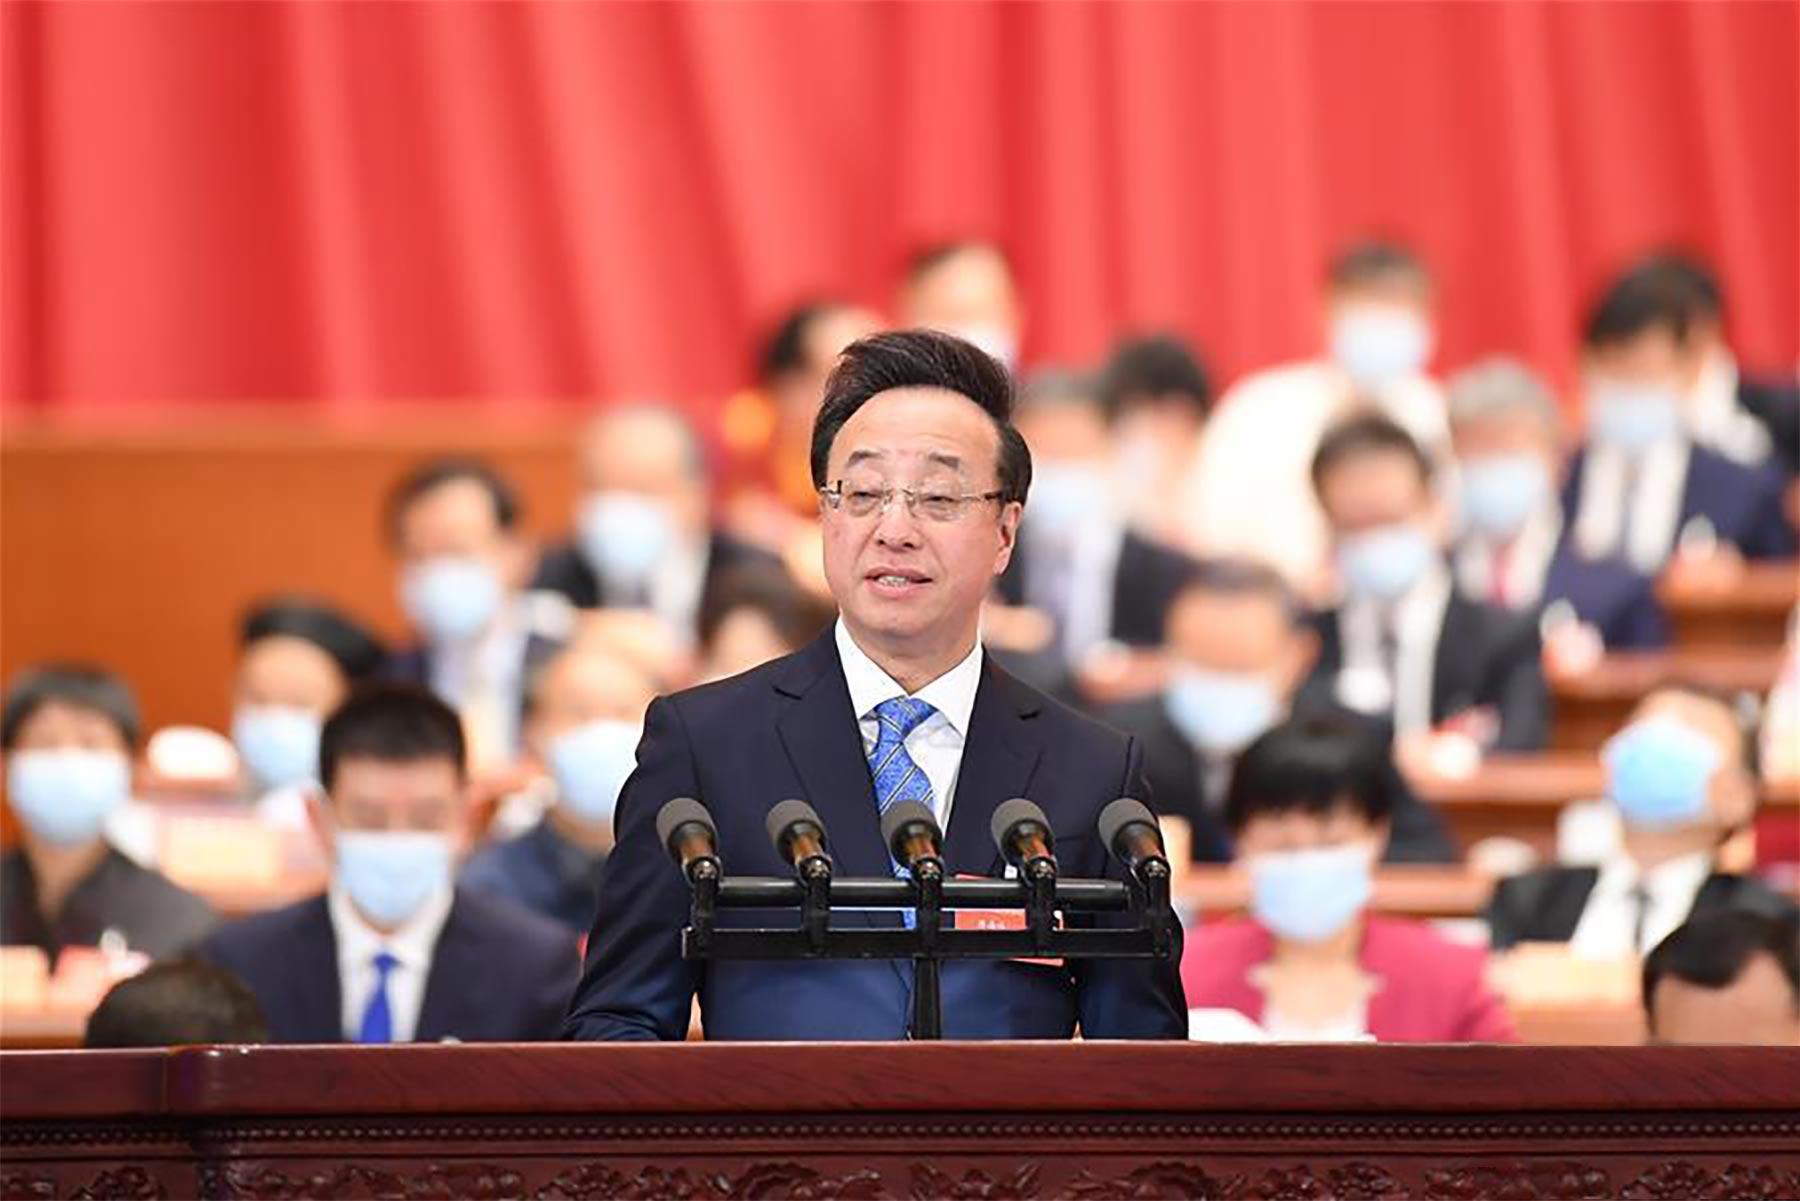 屠海鸣委员作大会发言。新华社记者 刘彬 摄